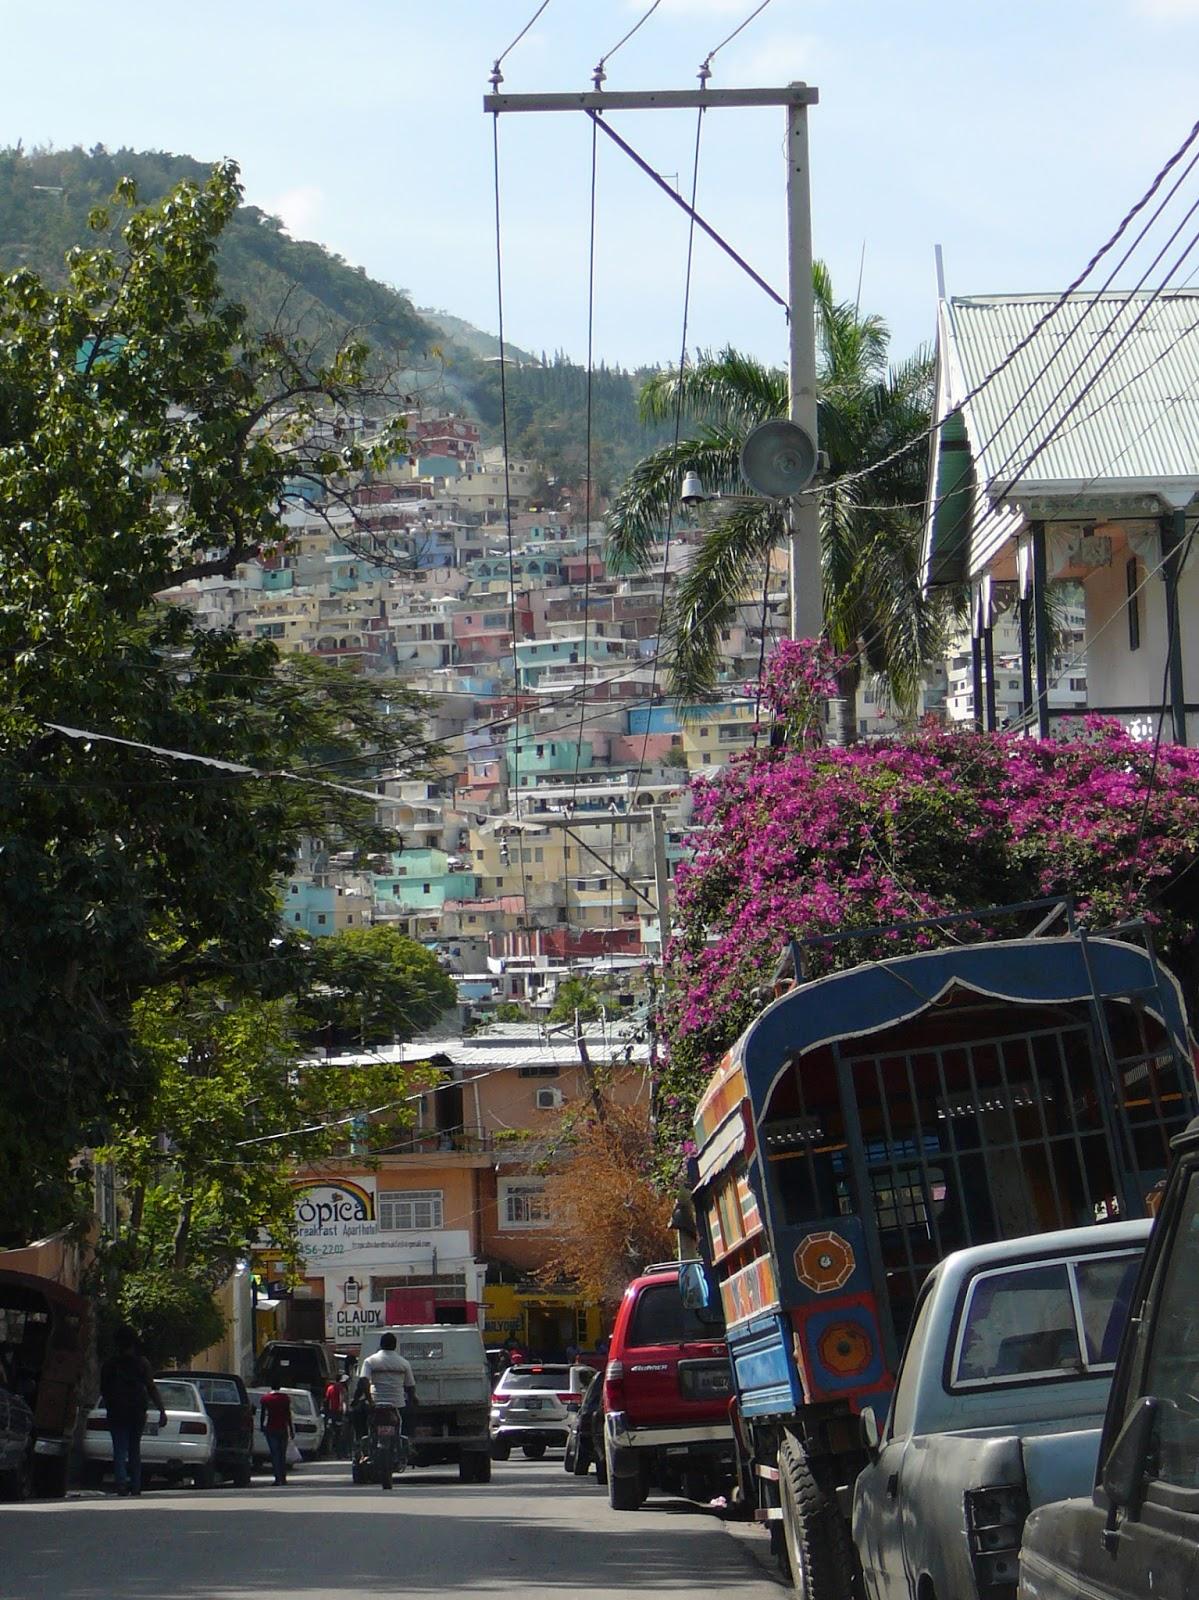 habitat ht familie wittmer in haiti interkulturelle zusammenarbeit ganz praktisch rohre verlegen. Black Bedroom Furniture Sets. Home Design Ideas